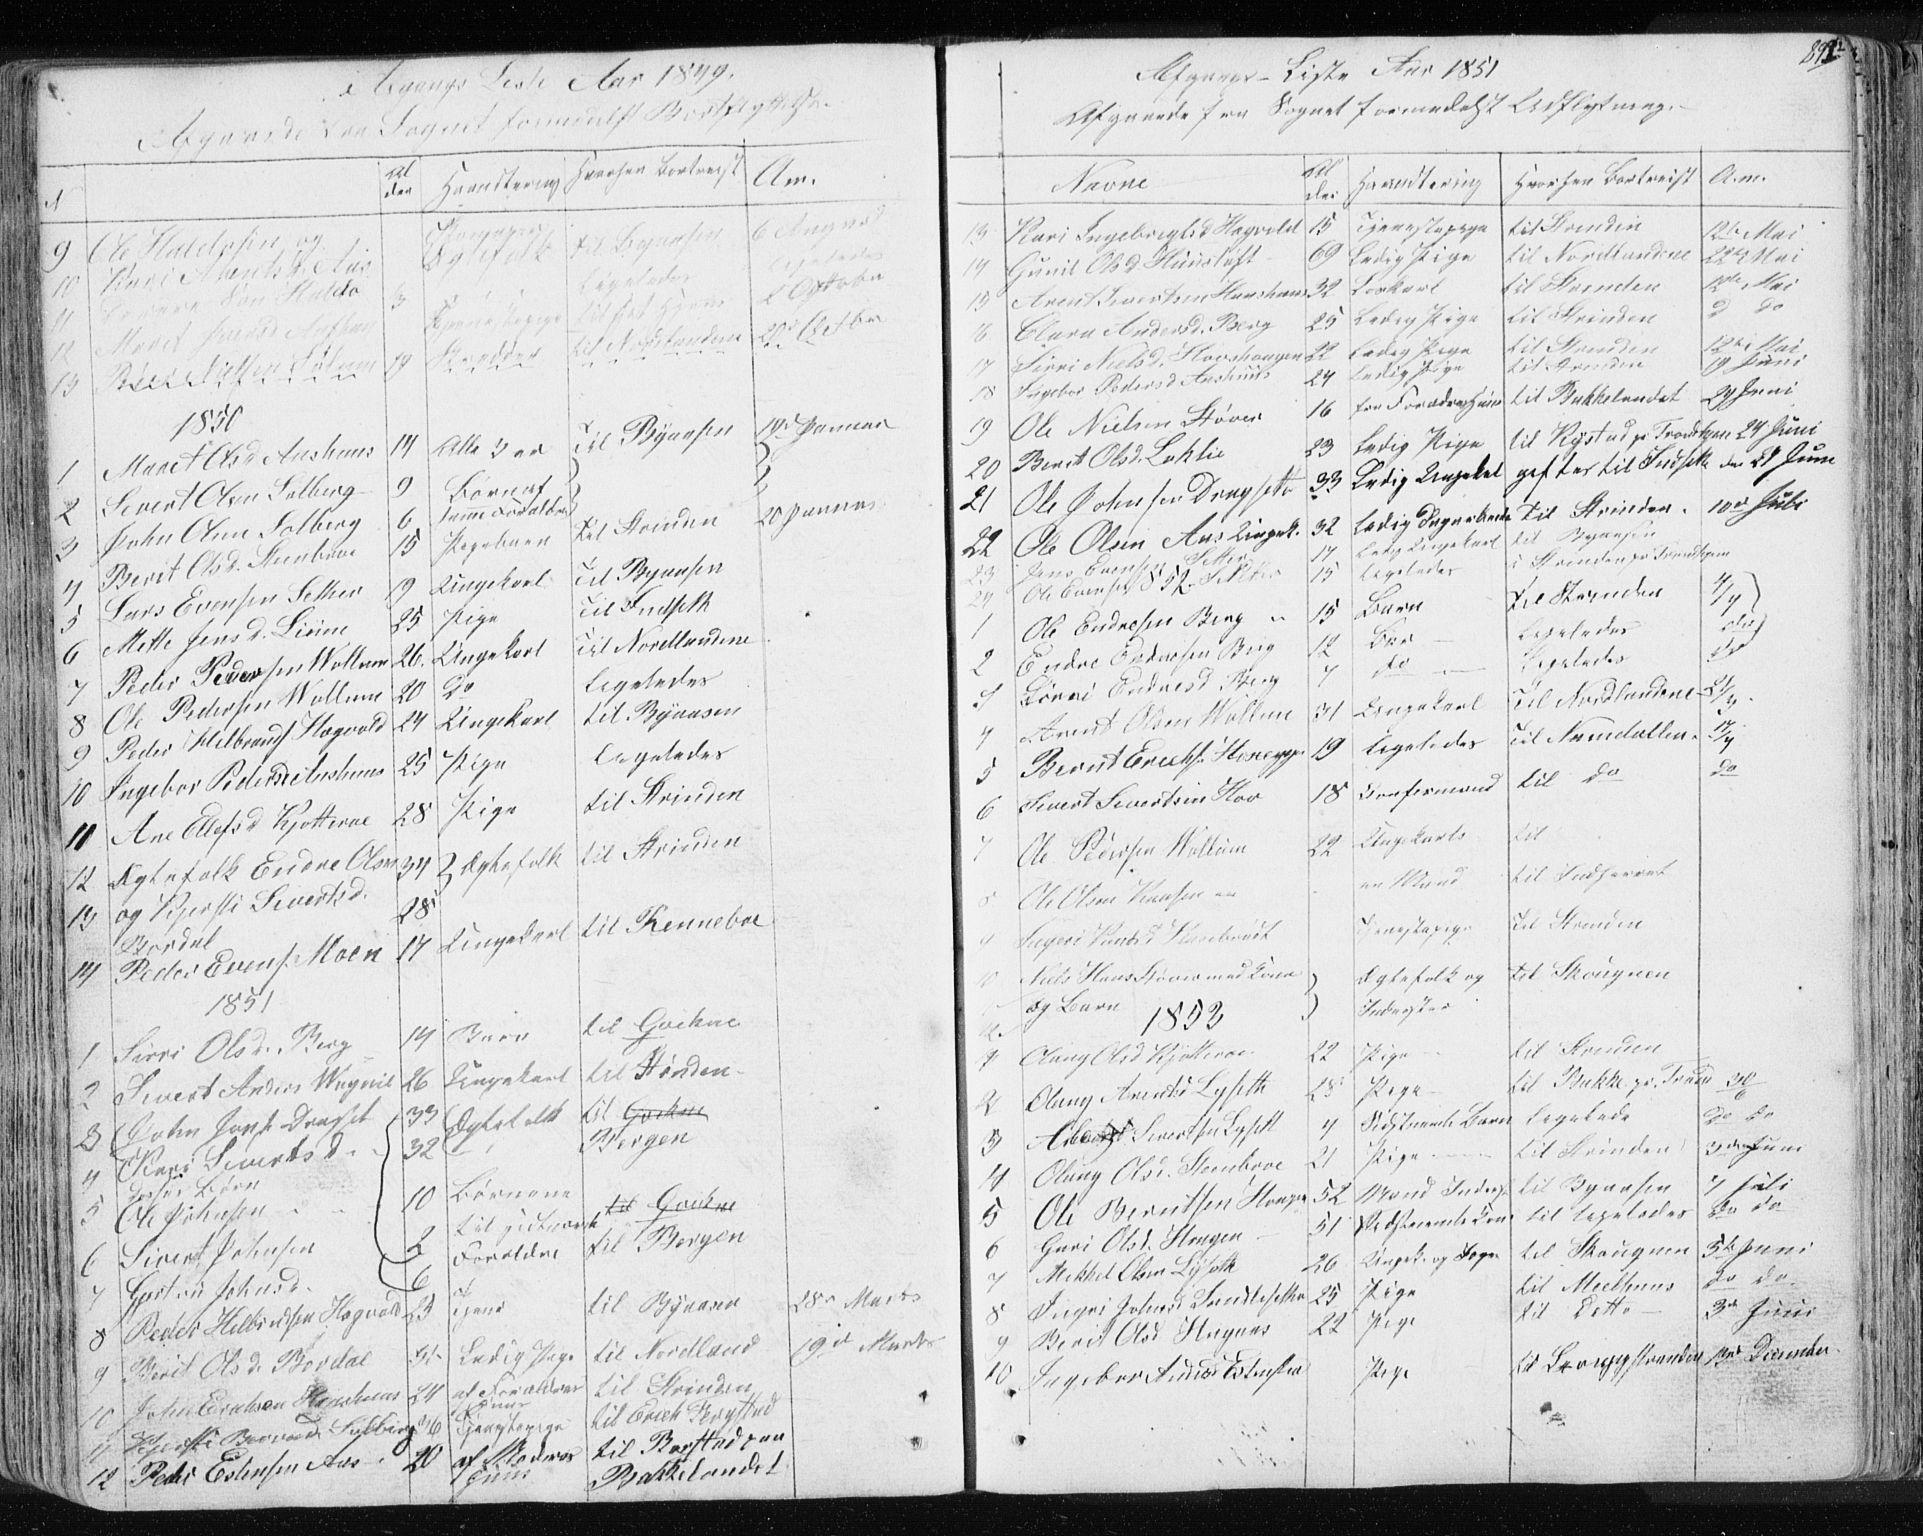 SAT, Ministerialprotokoller, klokkerbøker og fødselsregistre - Sør-Trøndelag, 689/L1043: Klokkerbok nr. 689C02, 1816-1892, s. 293